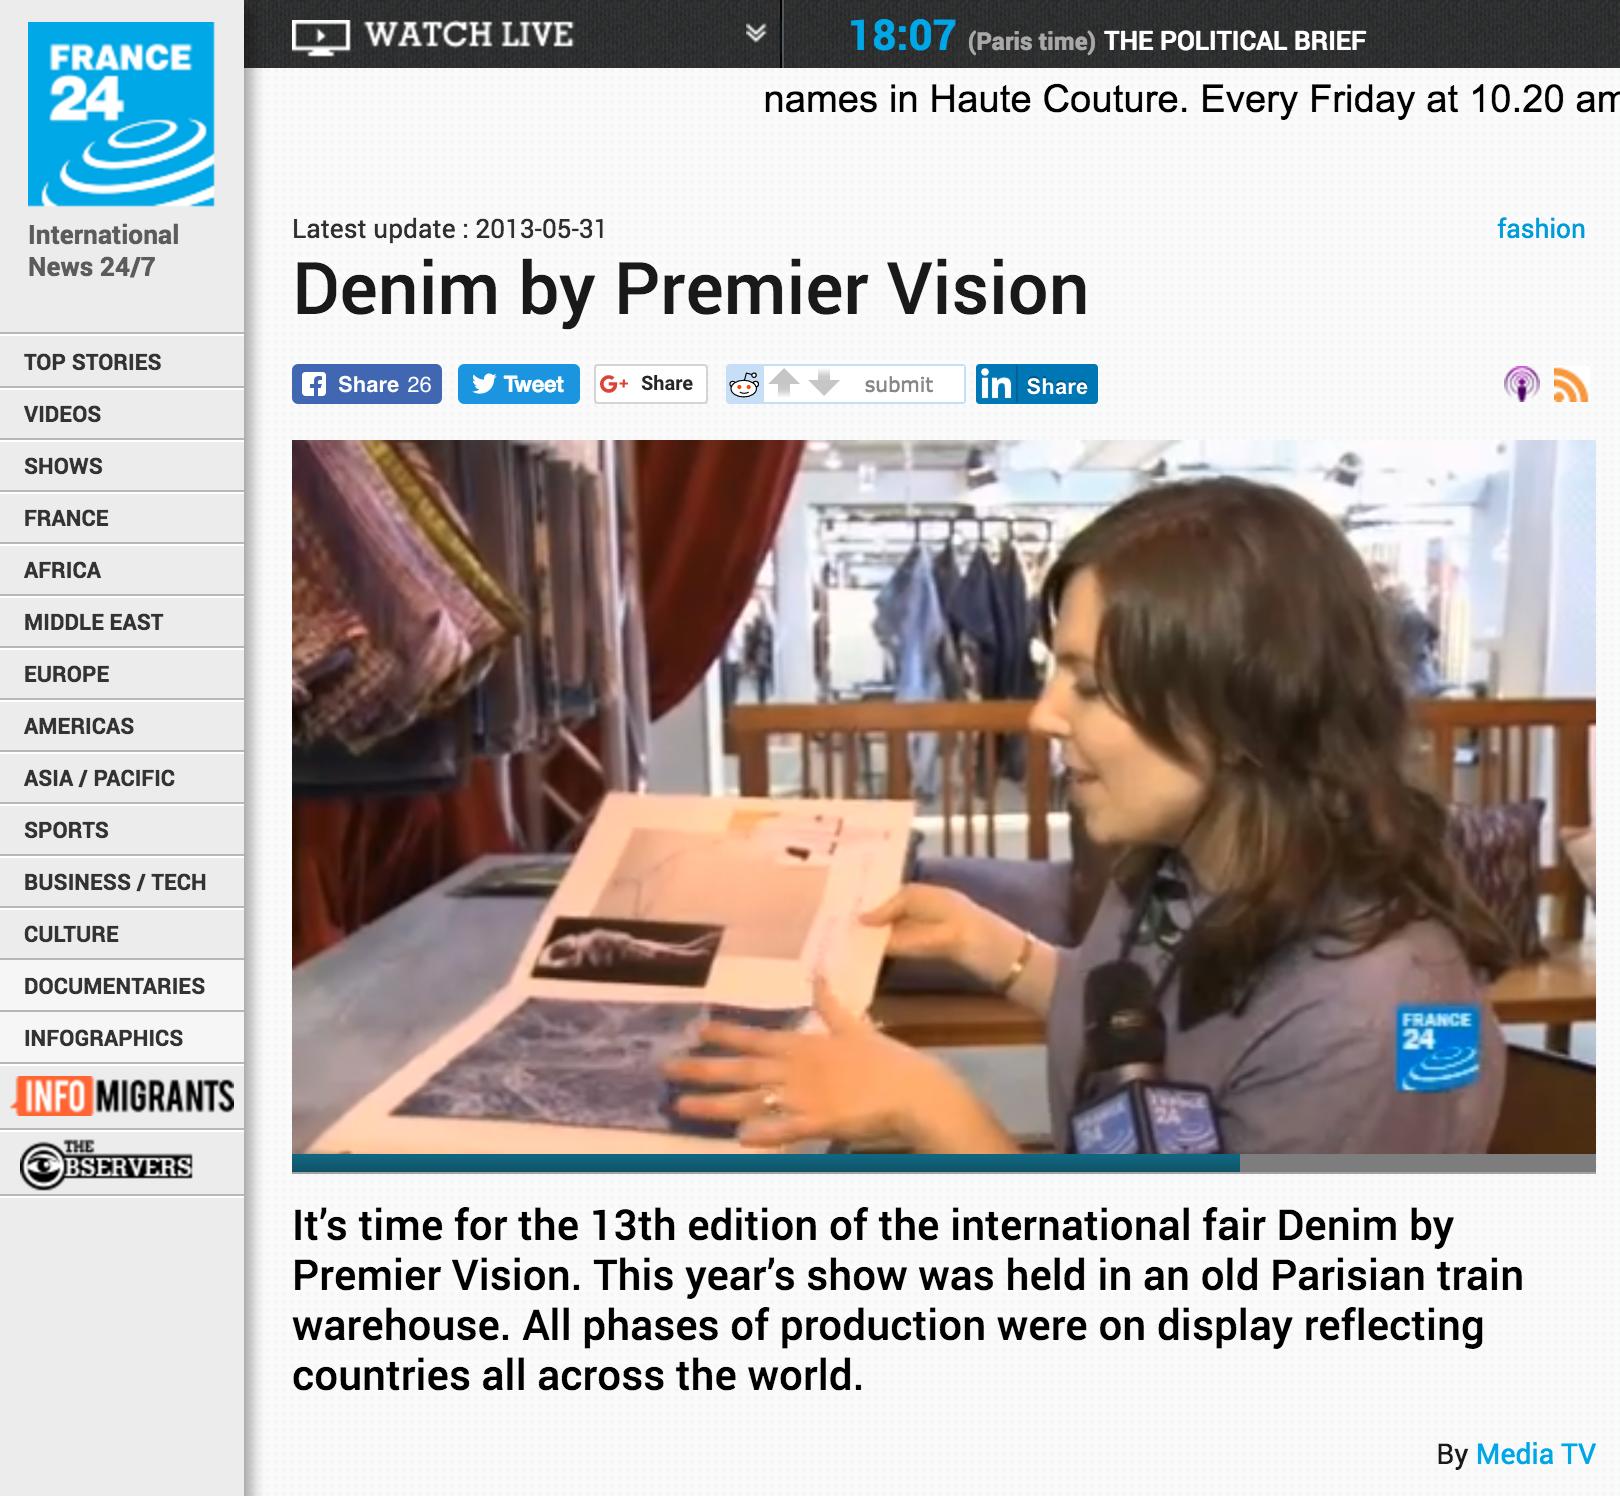 Denim by Premier Vision 2013 (Paris) -France 24 News